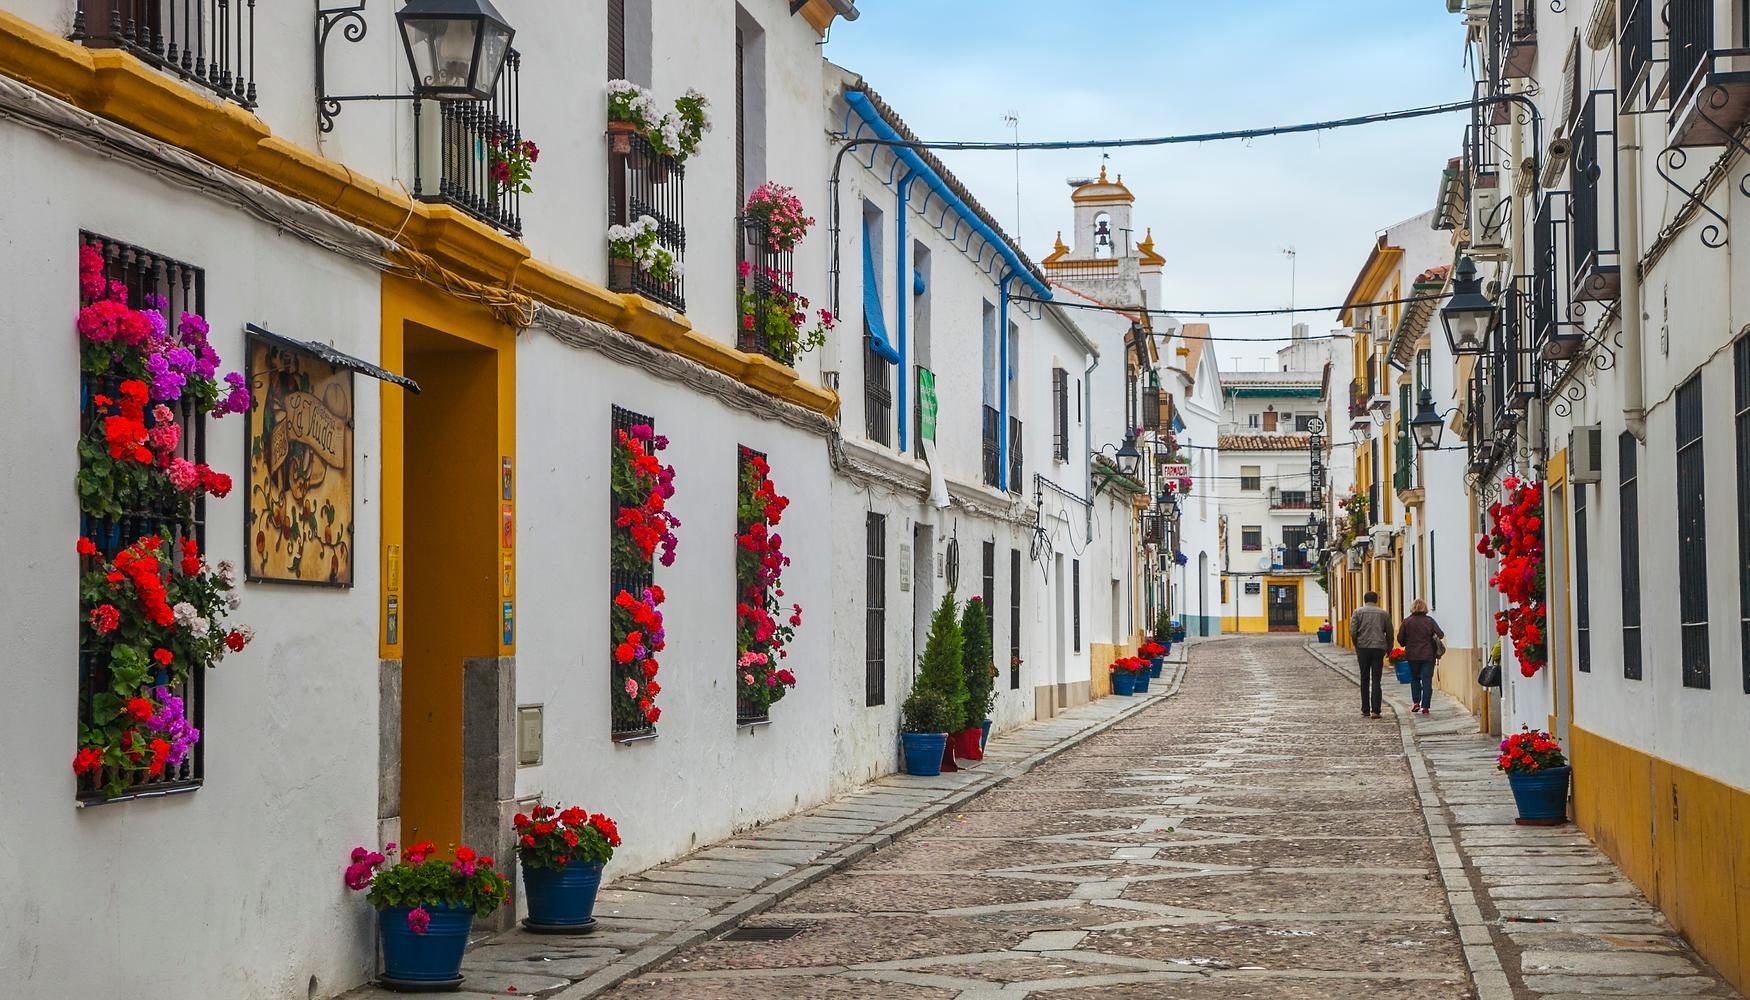 Córdoba Travel Guide | Córdoba Tourism - KAYAK